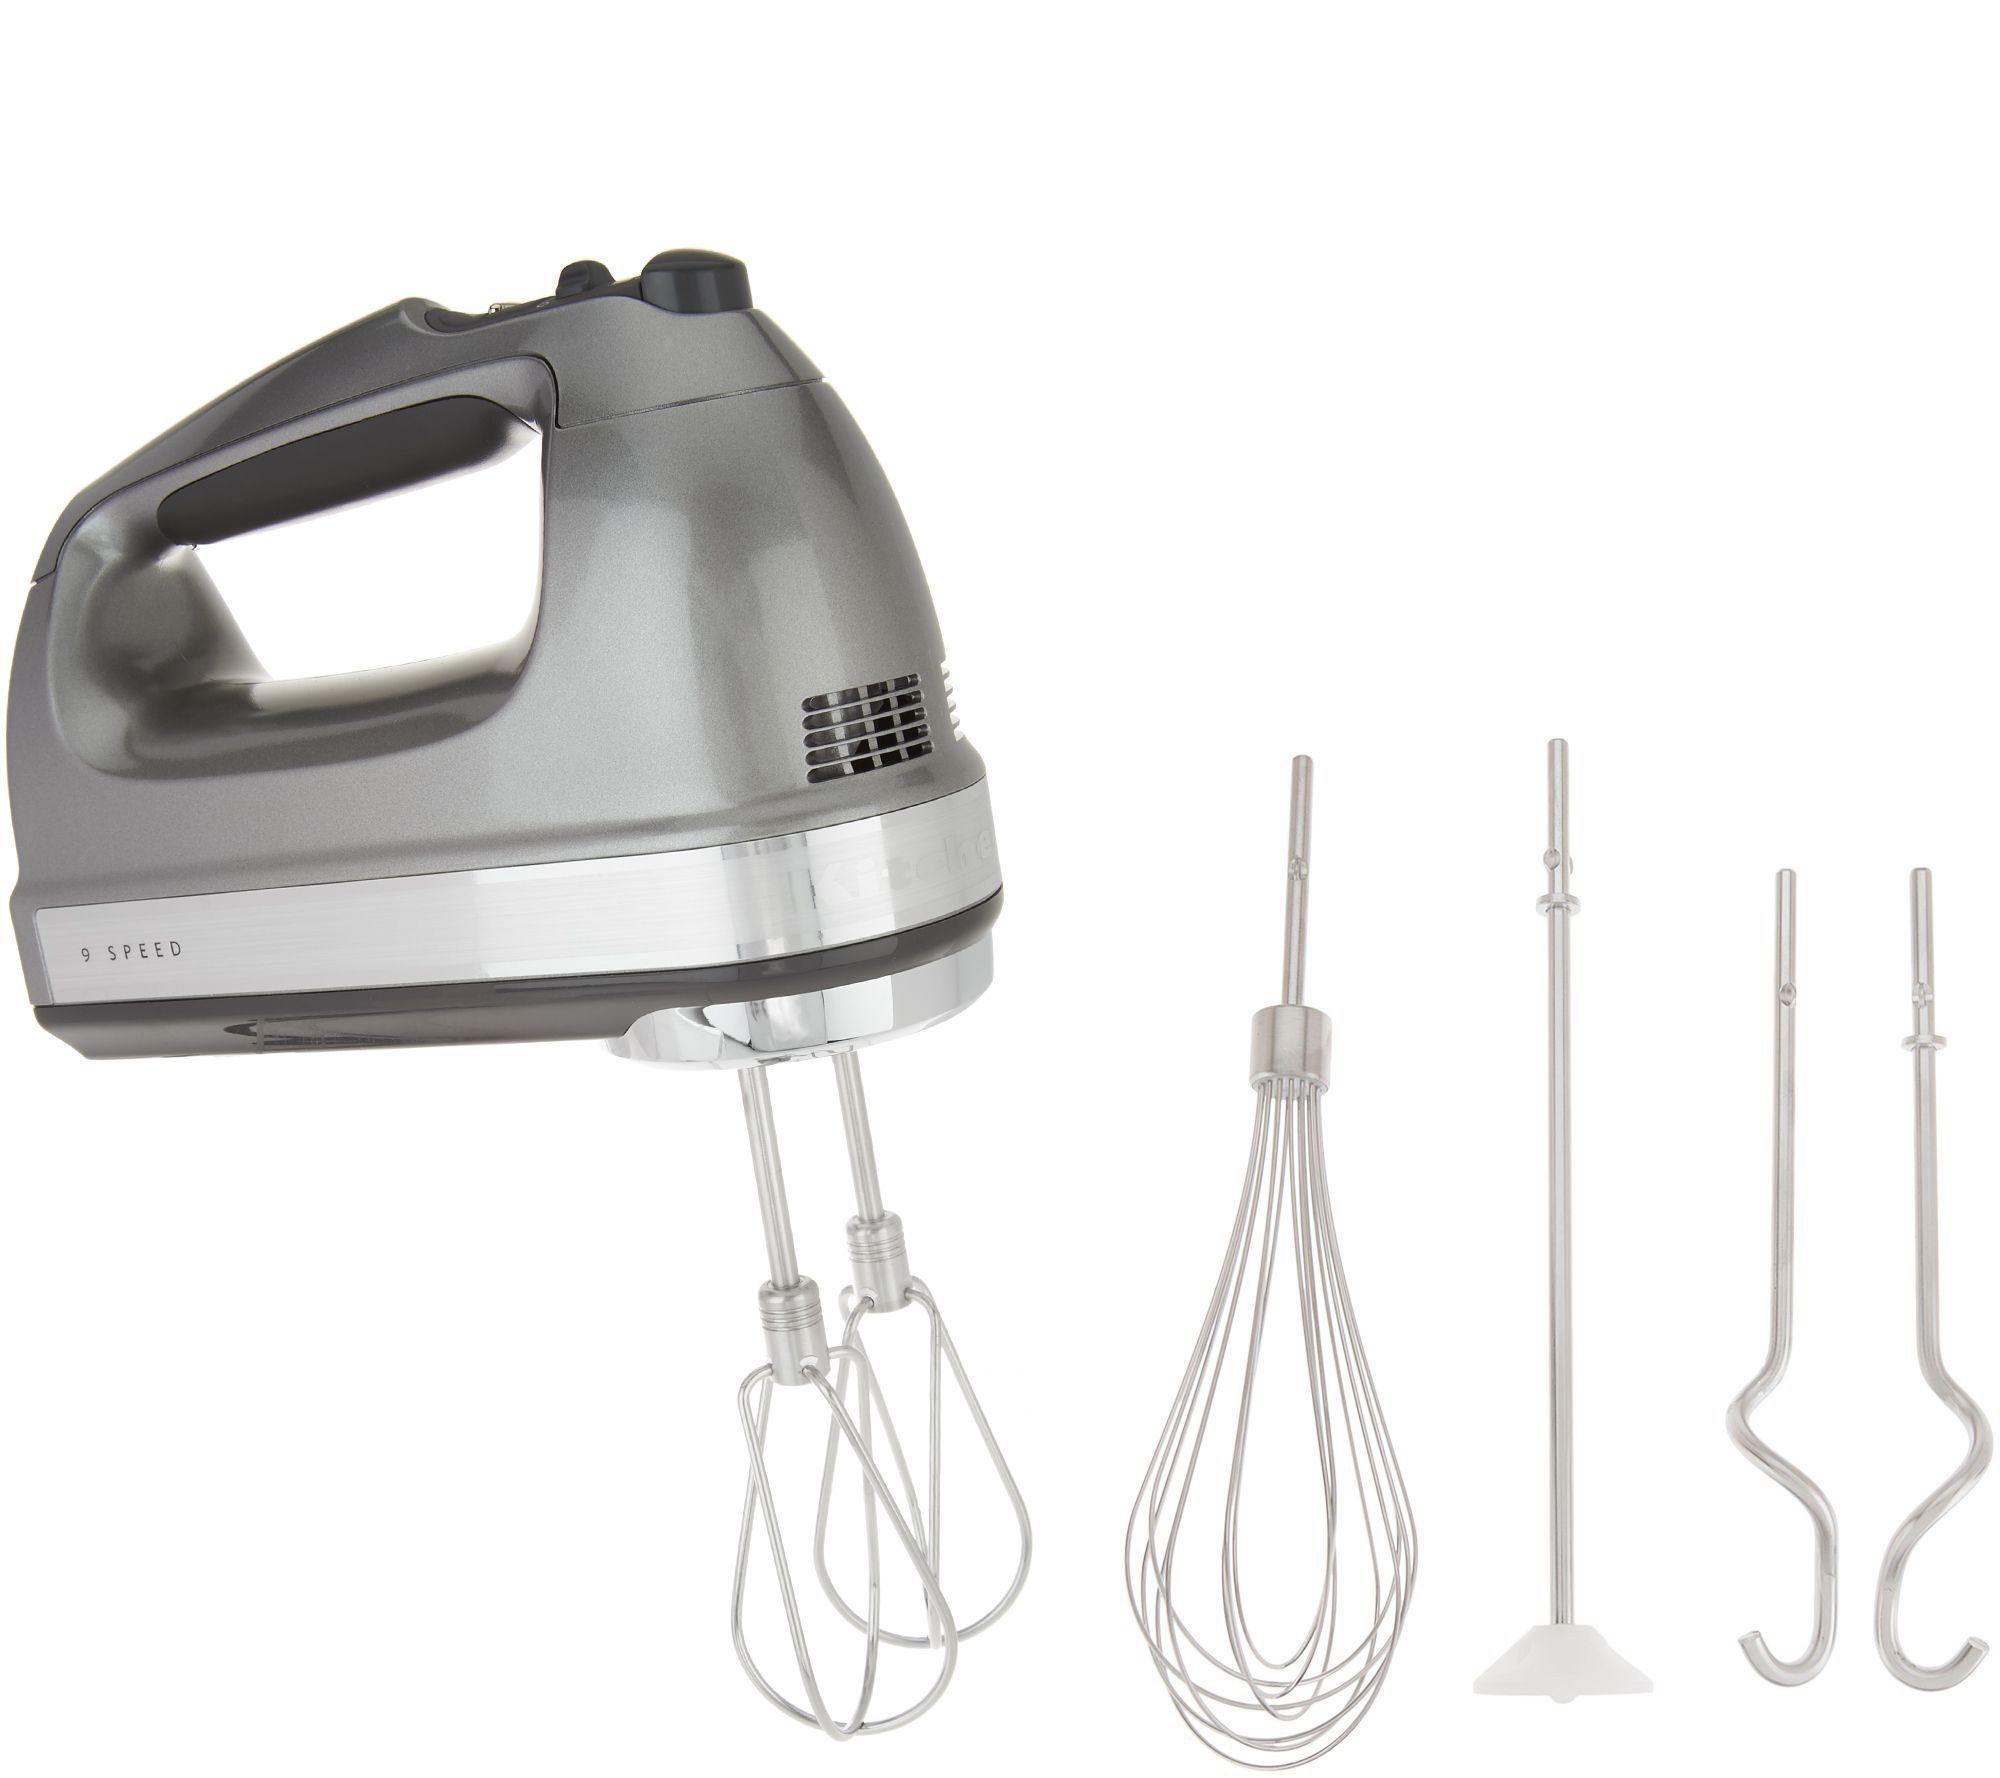 Kitchenaid 9speed digital hand mixer w wire whisk